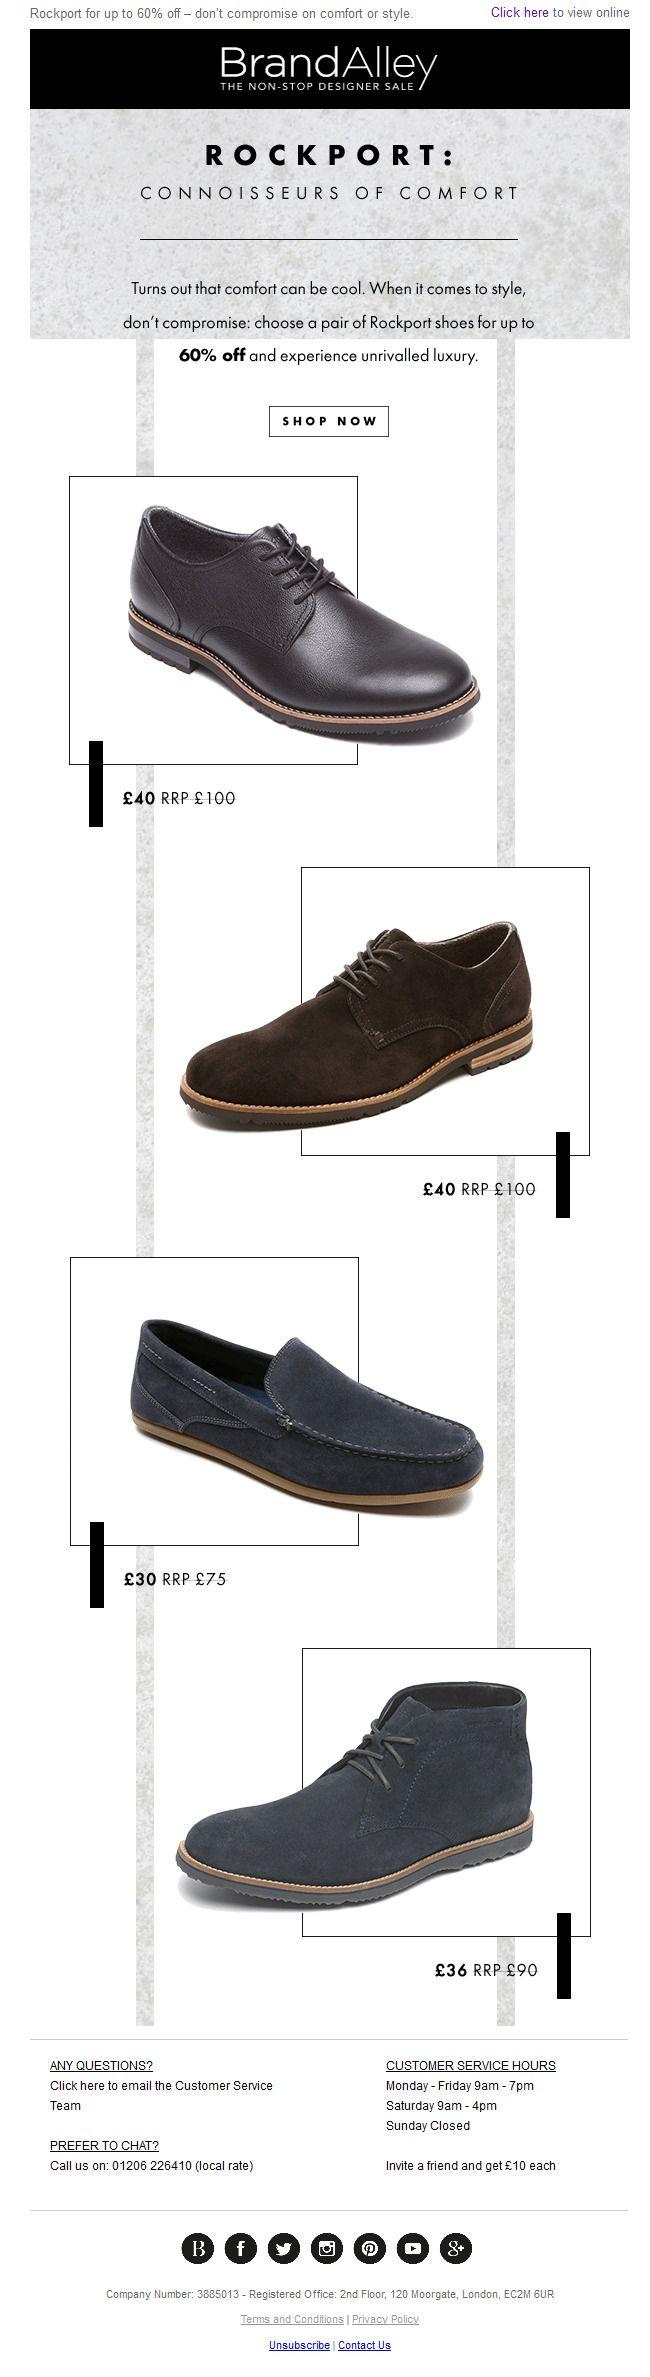 rockport shoes newsletter newsletters samples 954830